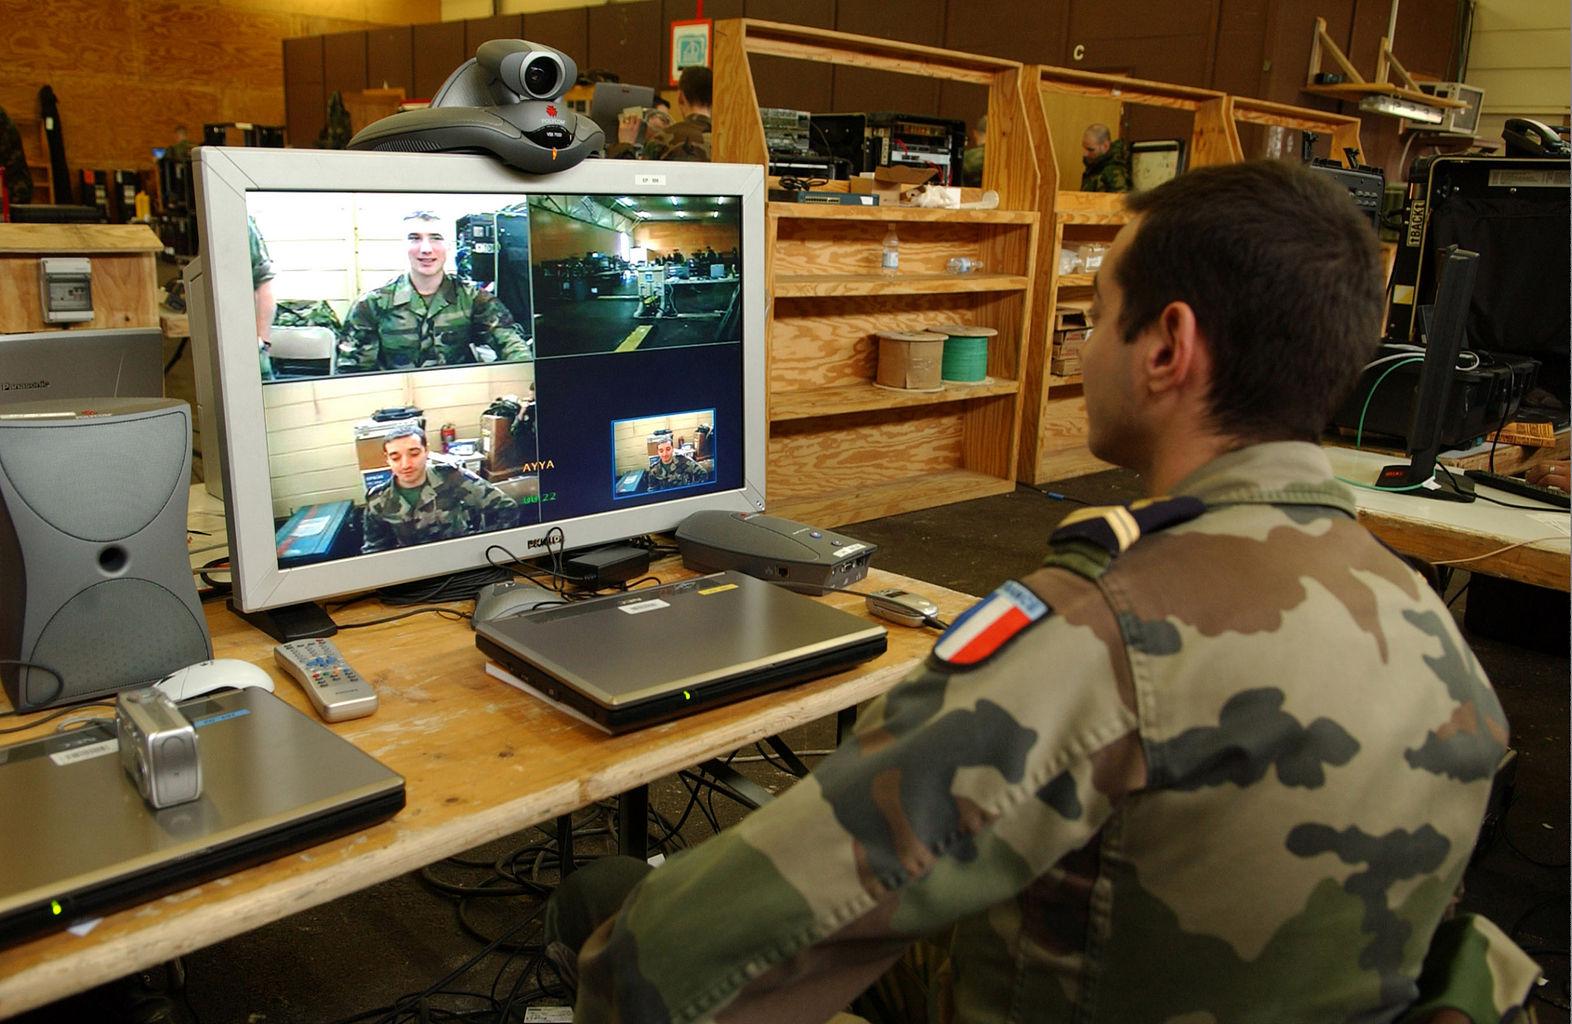 Ein französischer Soldat während einer Videokonferenz (2006)